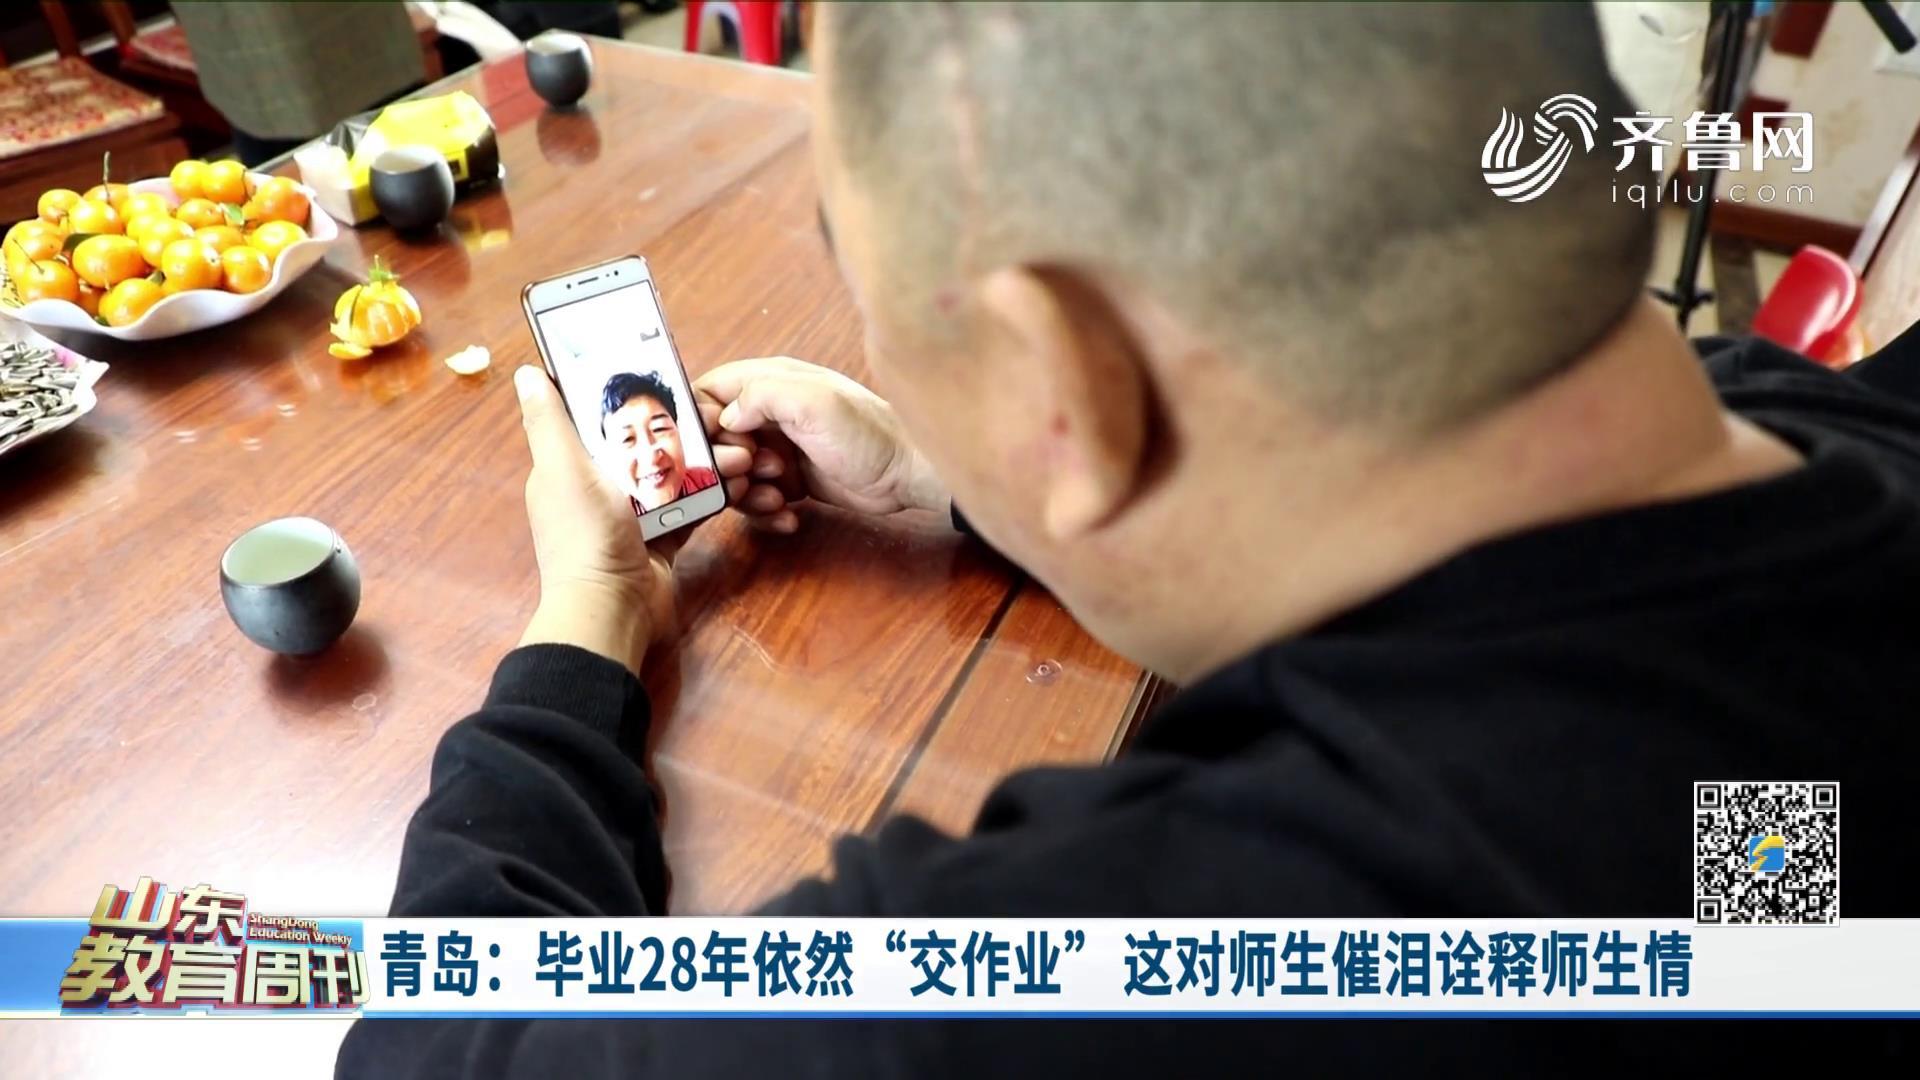 """青岛:毕业28年依然""""交作业"""" 这对师生催泪诠释师生情《山东教育周刊》20210110播出"""